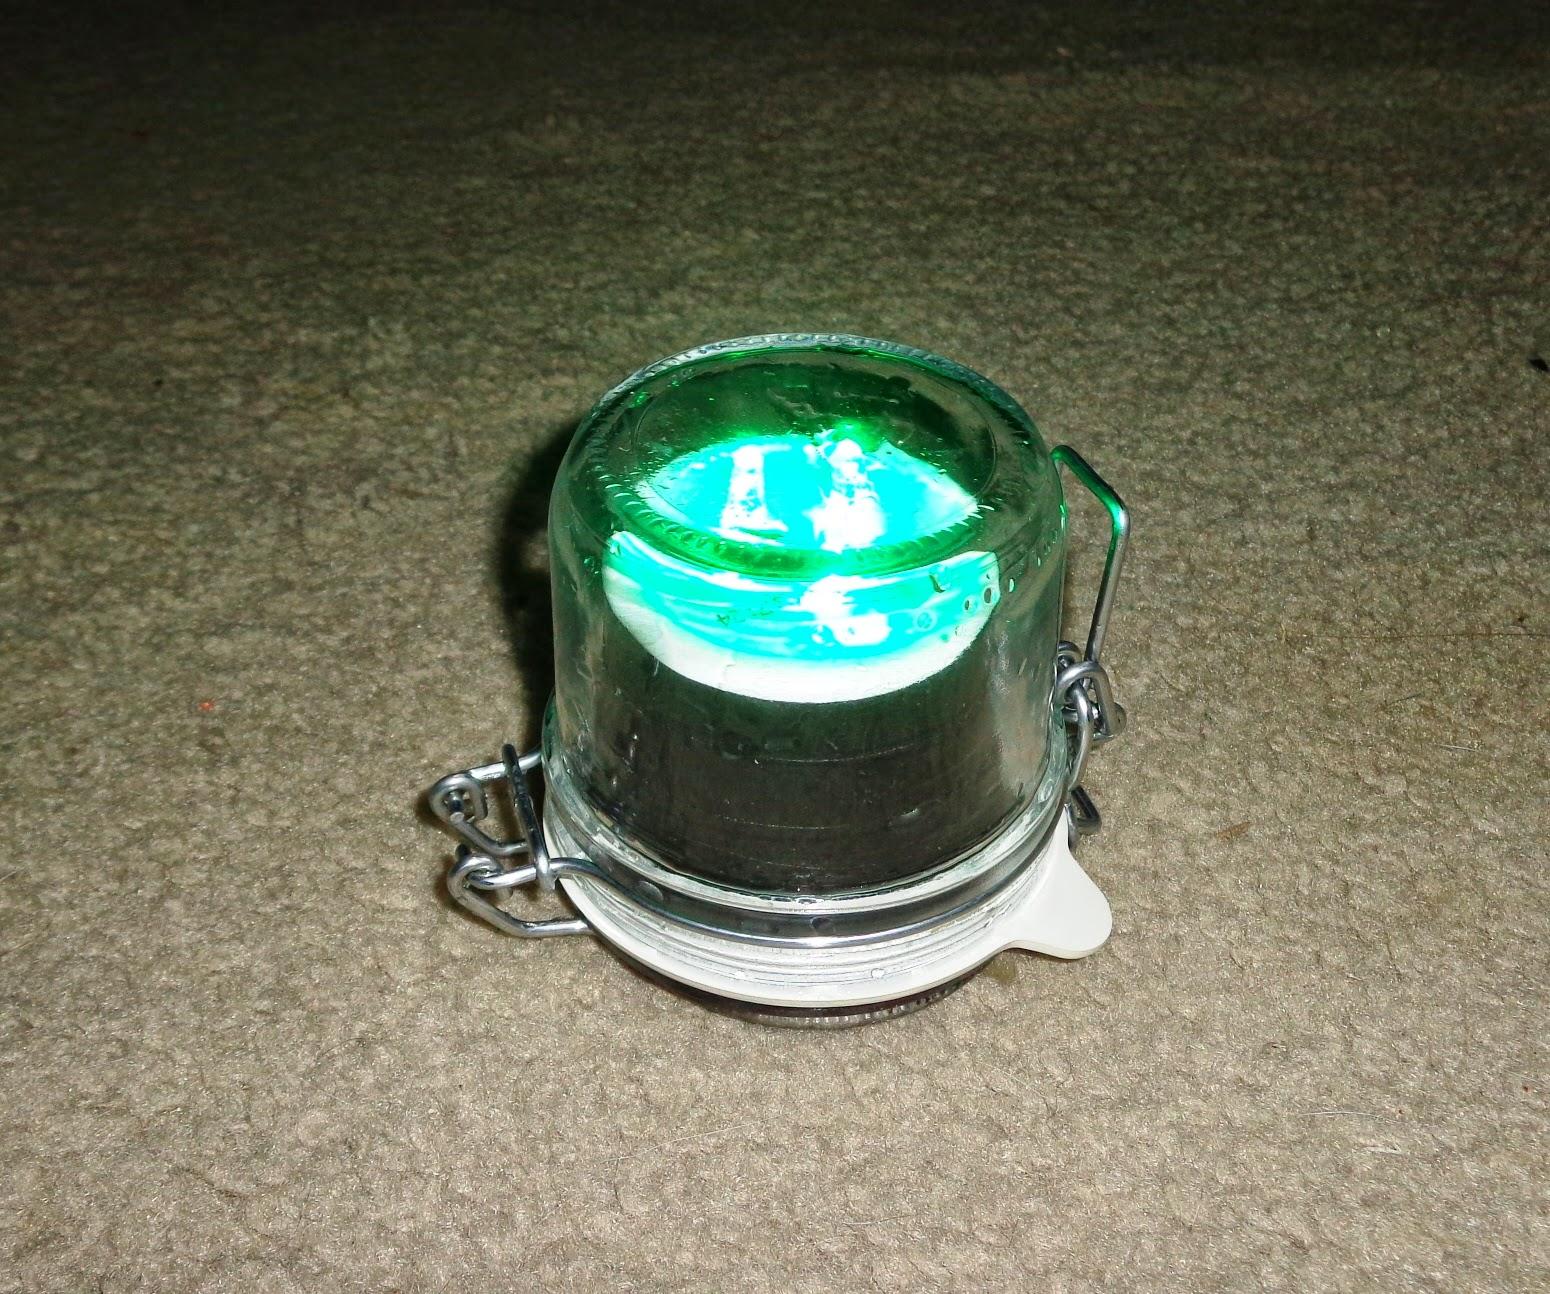 City of allen fishing homemade green led fishing light for Green fishing lights